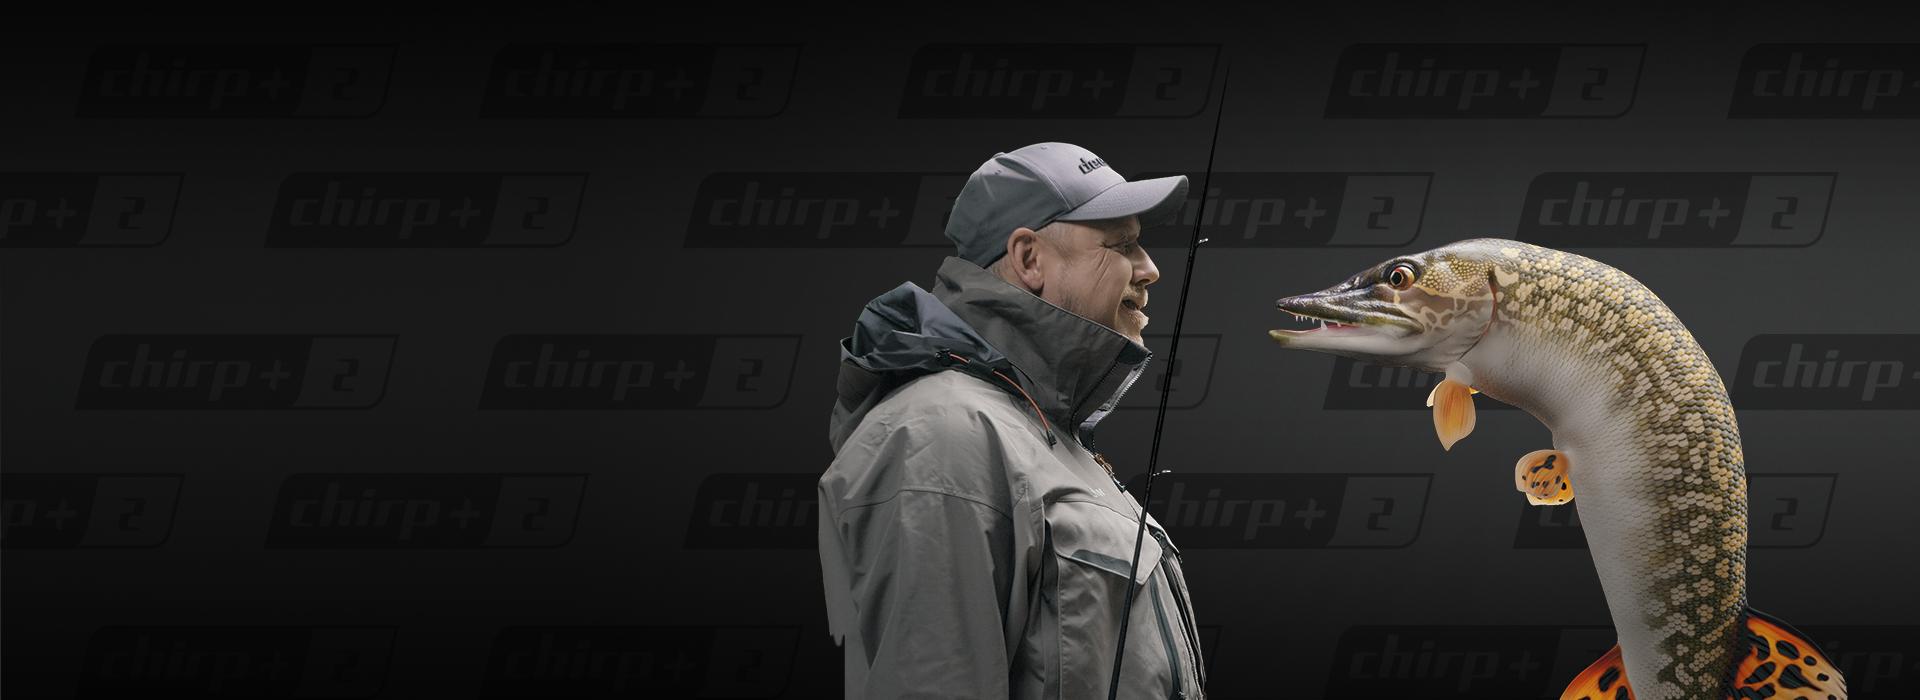 Хотите быстро и легко находить рыбу?Делайте это легко с новым Deeper CHIRP+ 2!